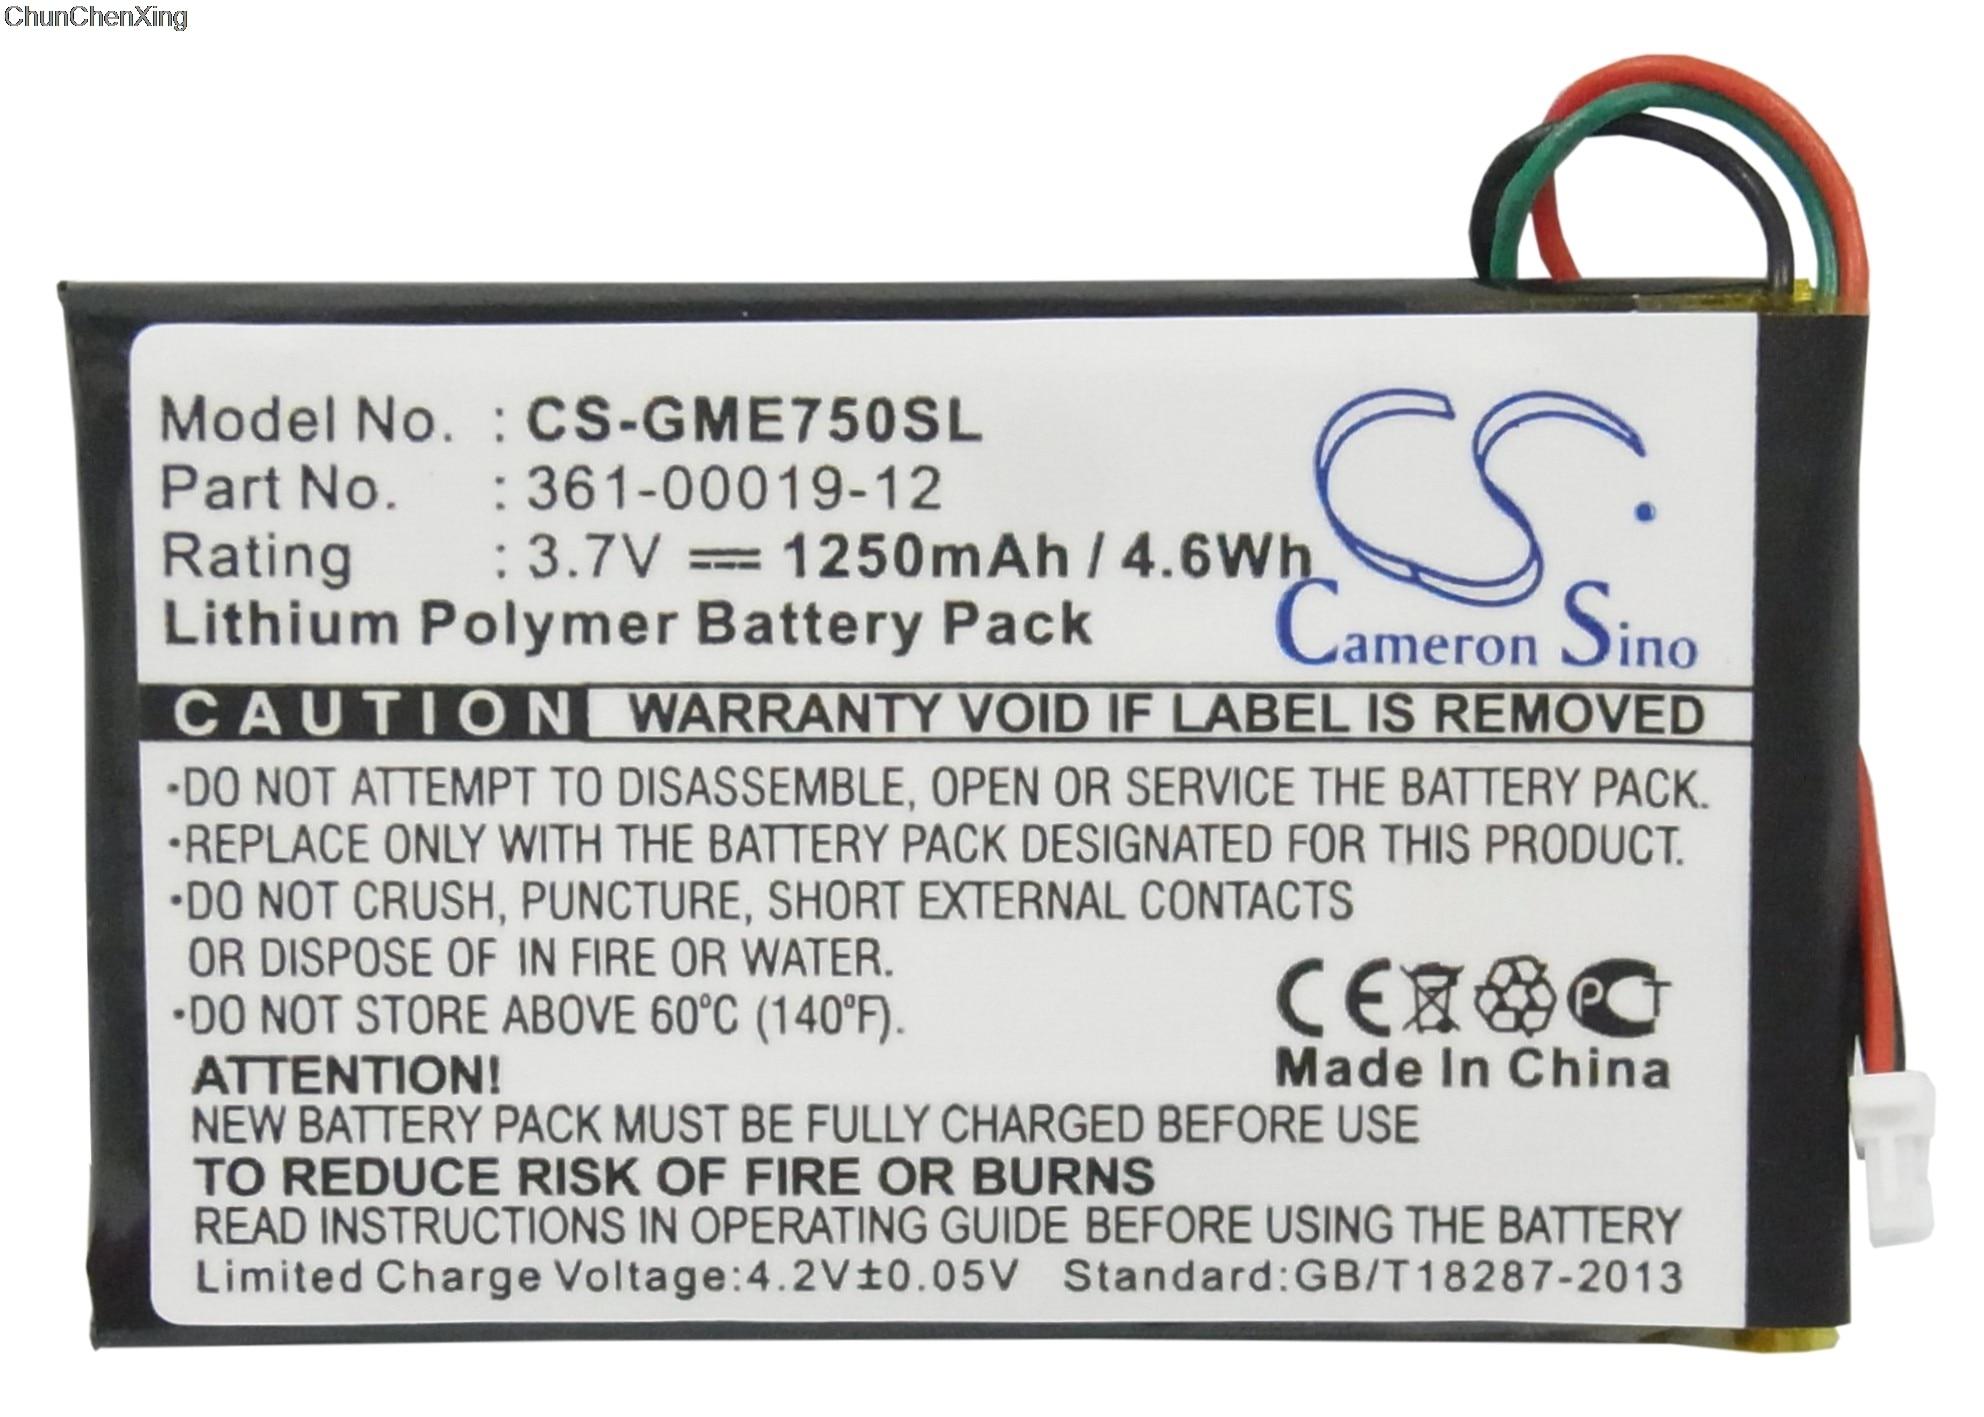 Cameron sino bateria de 1250mah 361-00019-12 para garmin edge 605, 705